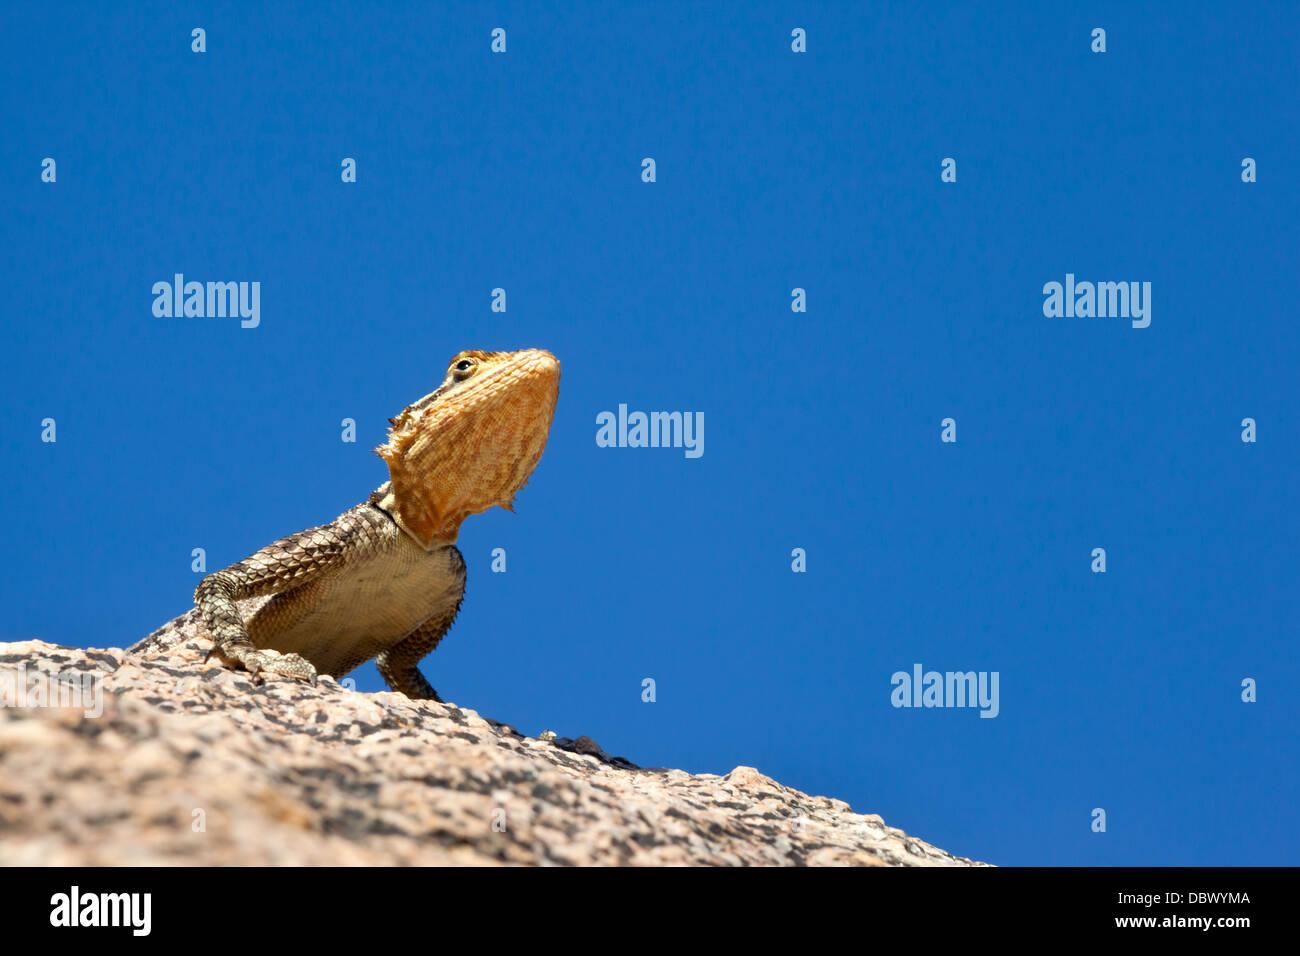 Namibian rock agama (Agama planiceps), Damaraland, Namibia, May 2013 - Stock Image